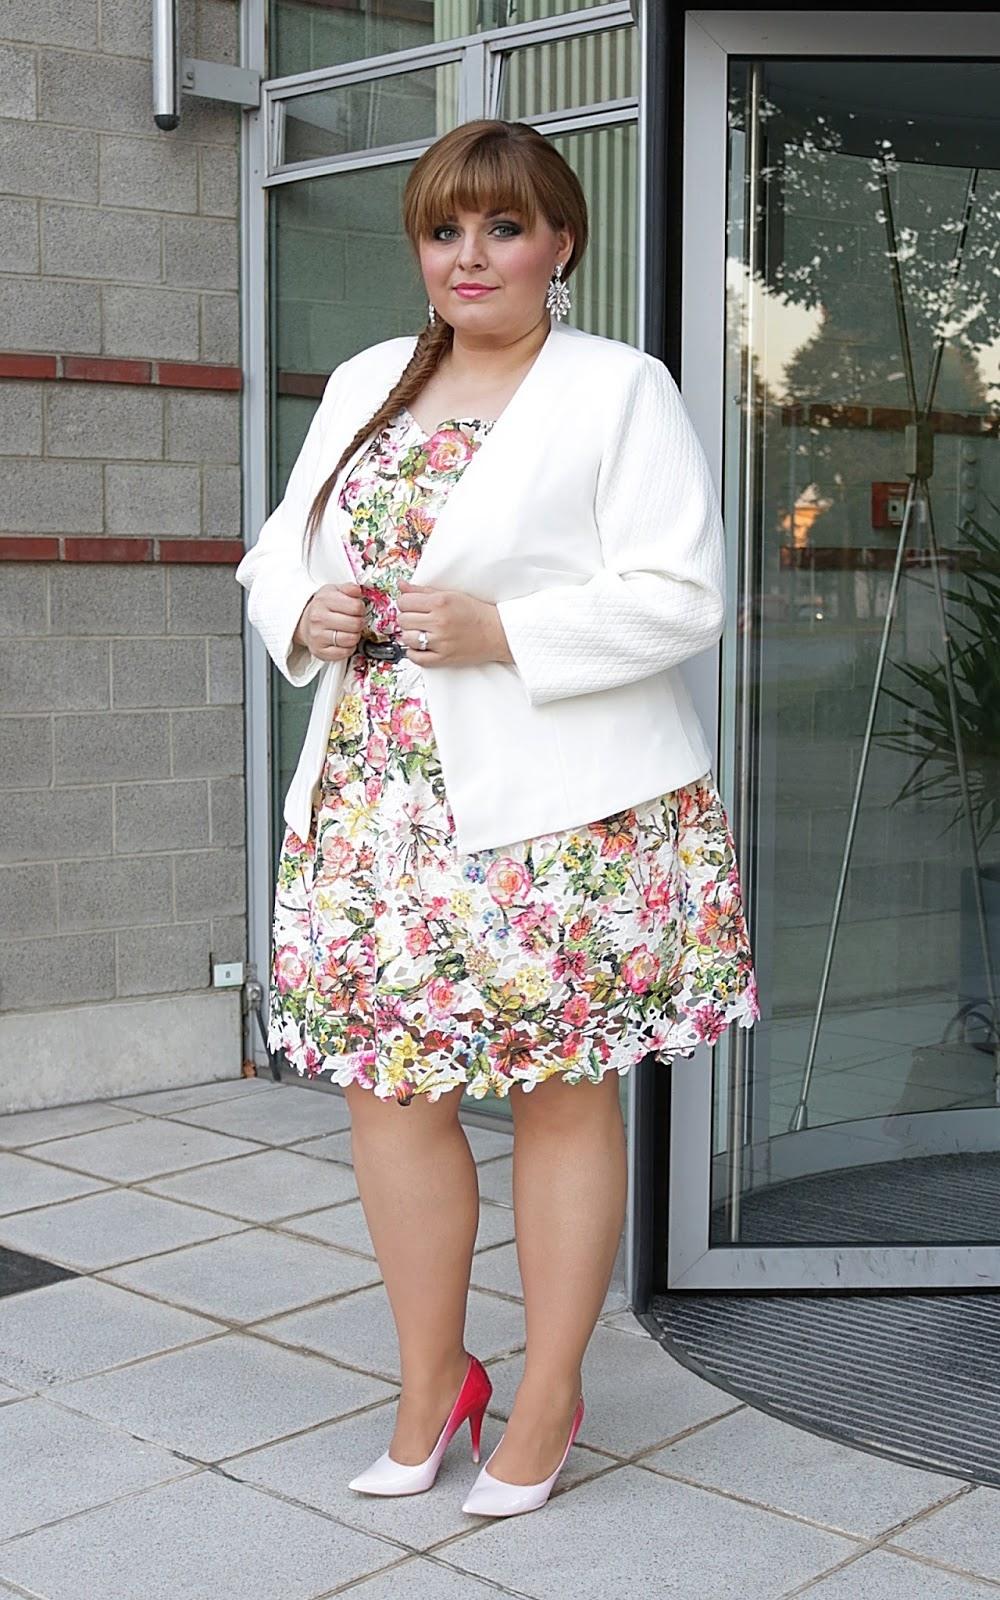 Designer Genial Schöne Kleider Für Eine Hochzeit Galerie13 Kreativ Schöne Kleider Für Eine Hochzeit Boutique